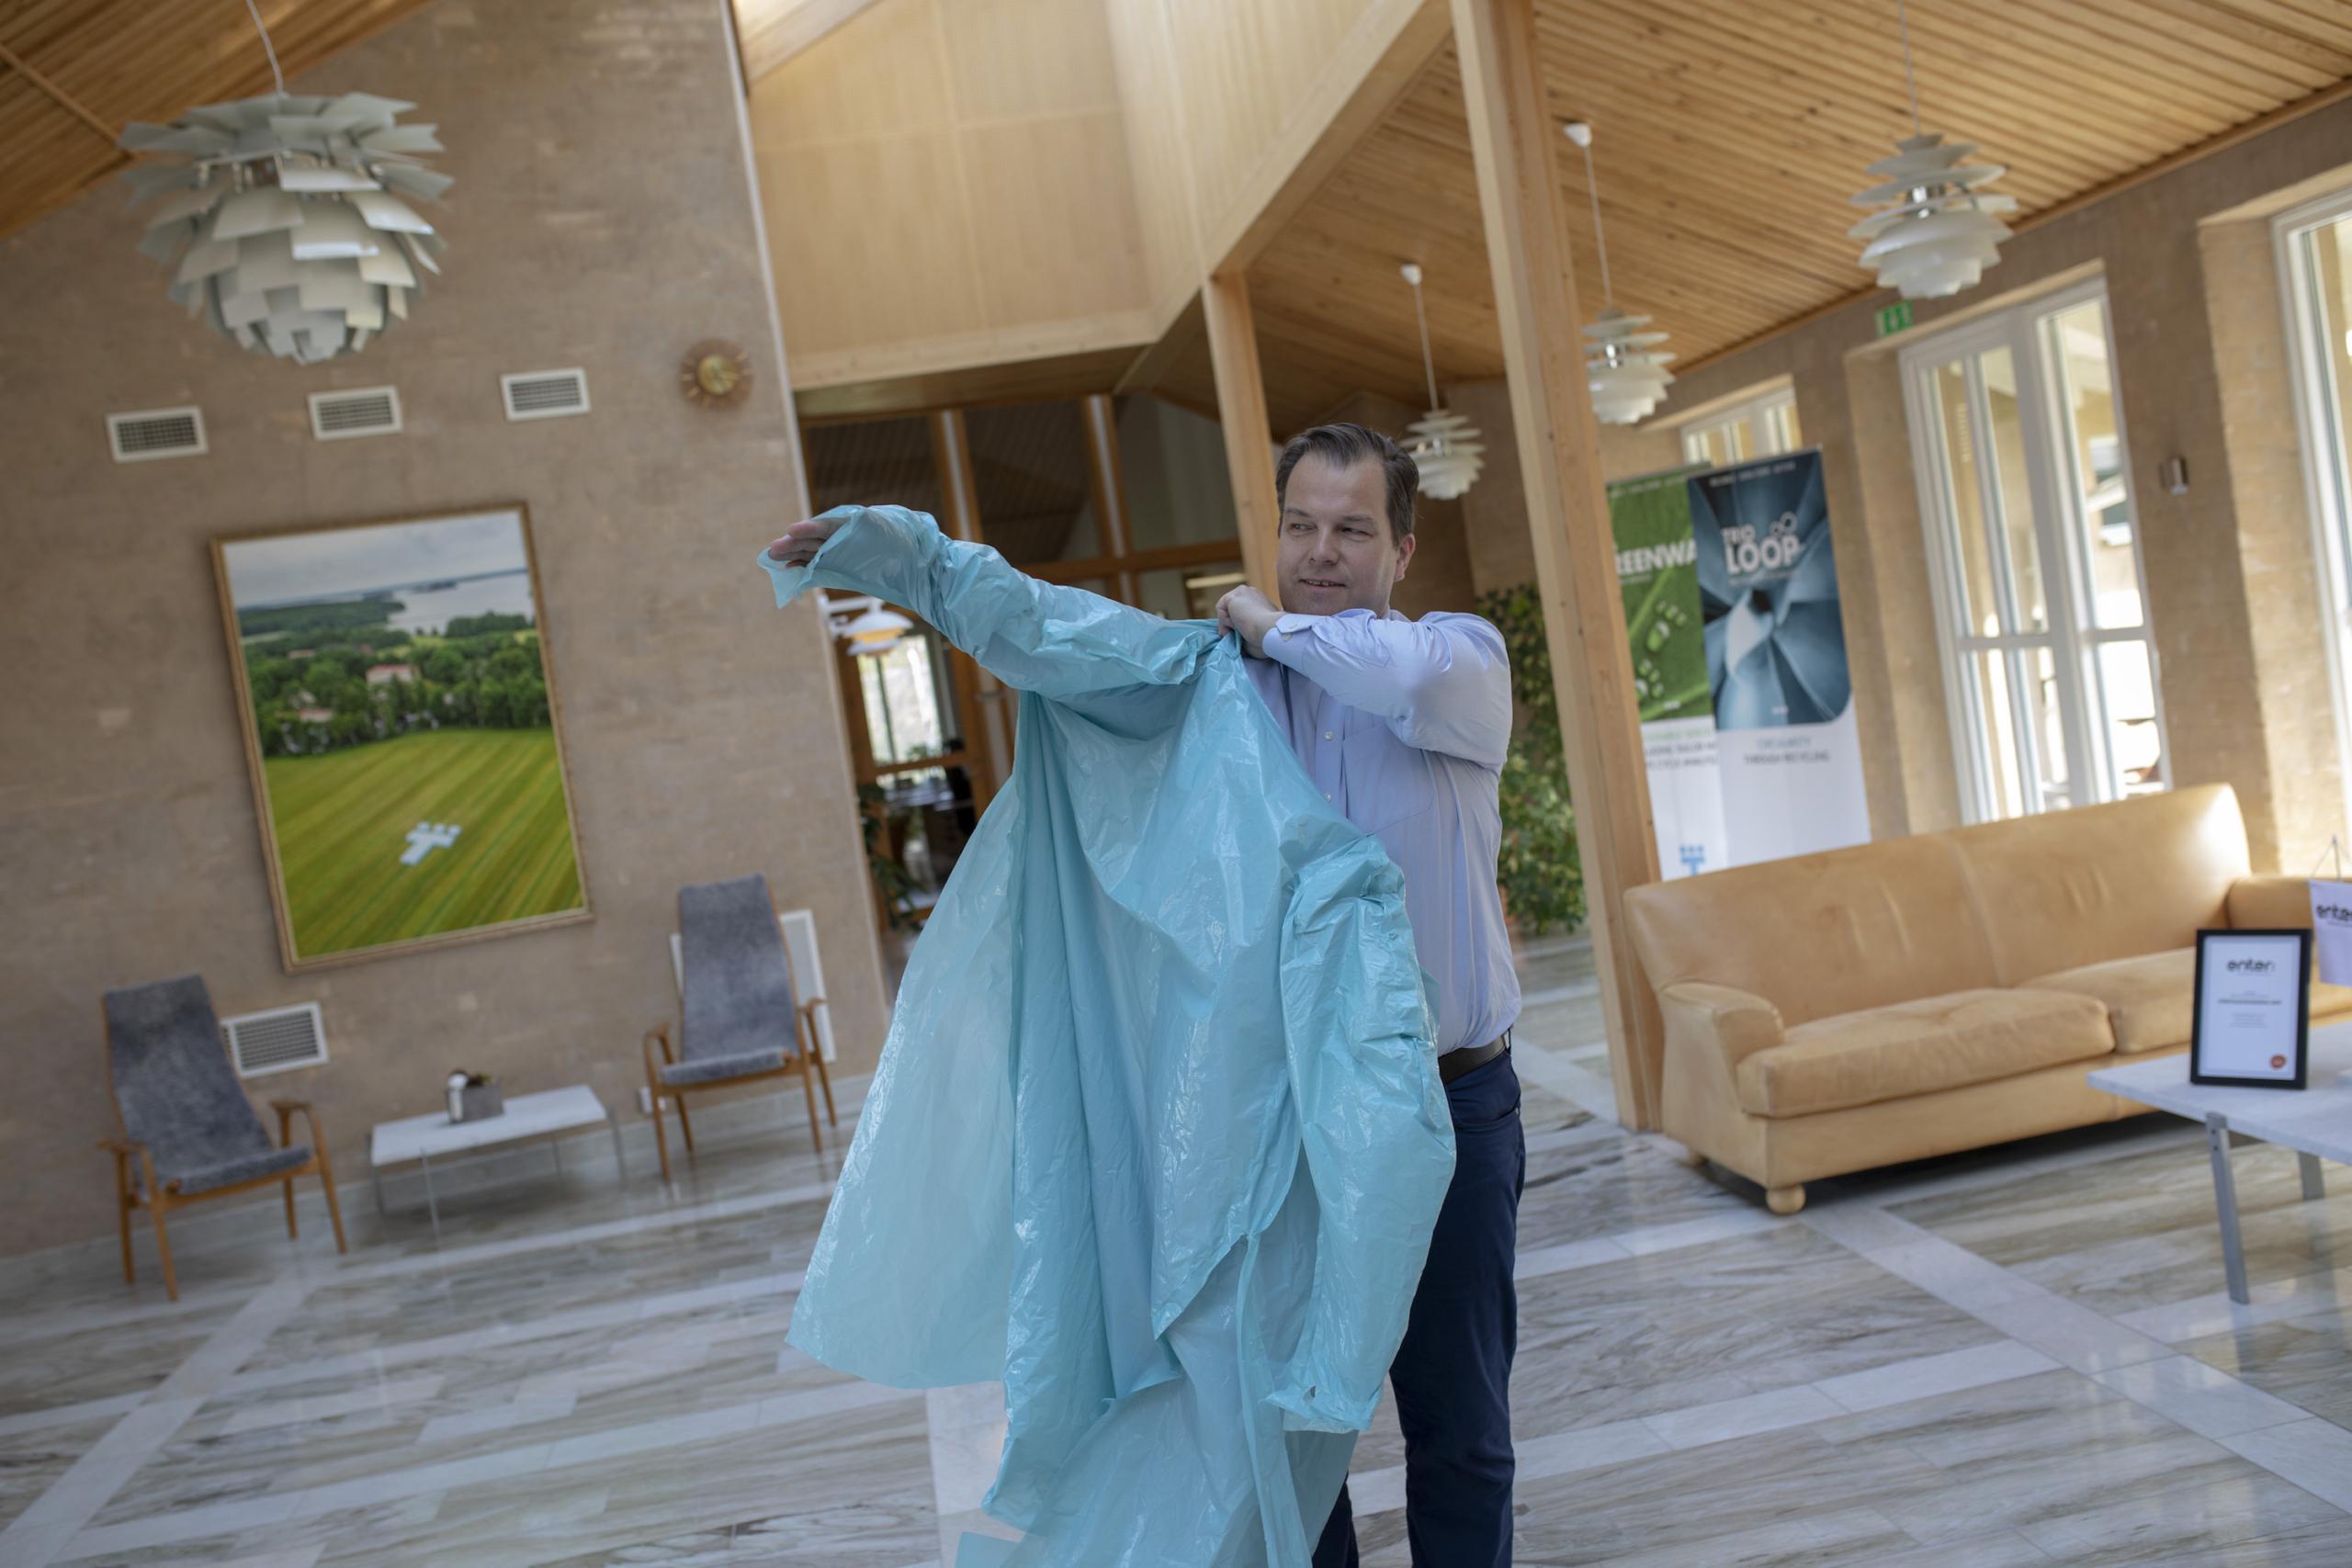 Trioplasts koncernchefen Andreas Malmberg provar förklädet TrioMummel. Foto Kalle Magnusson.